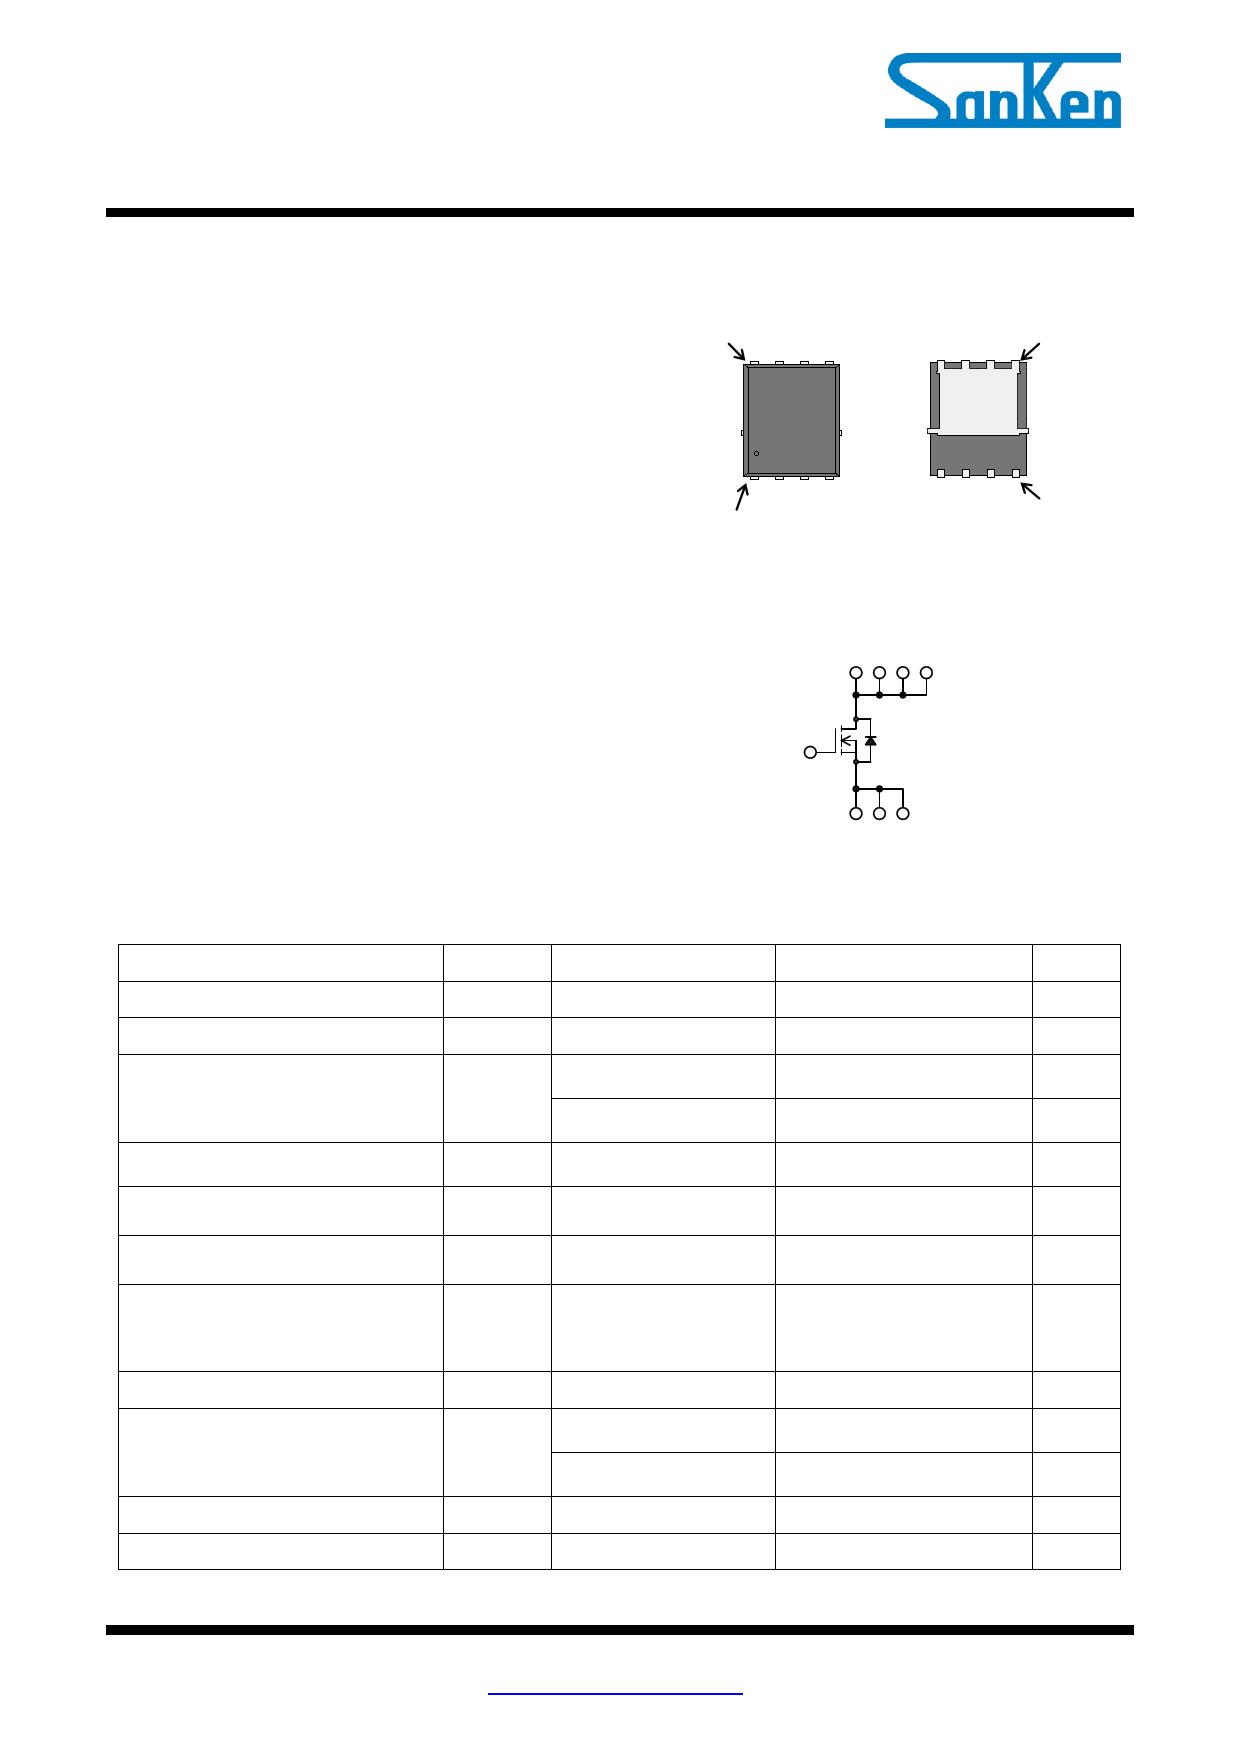 GKI06259 دیتاشیت PDF